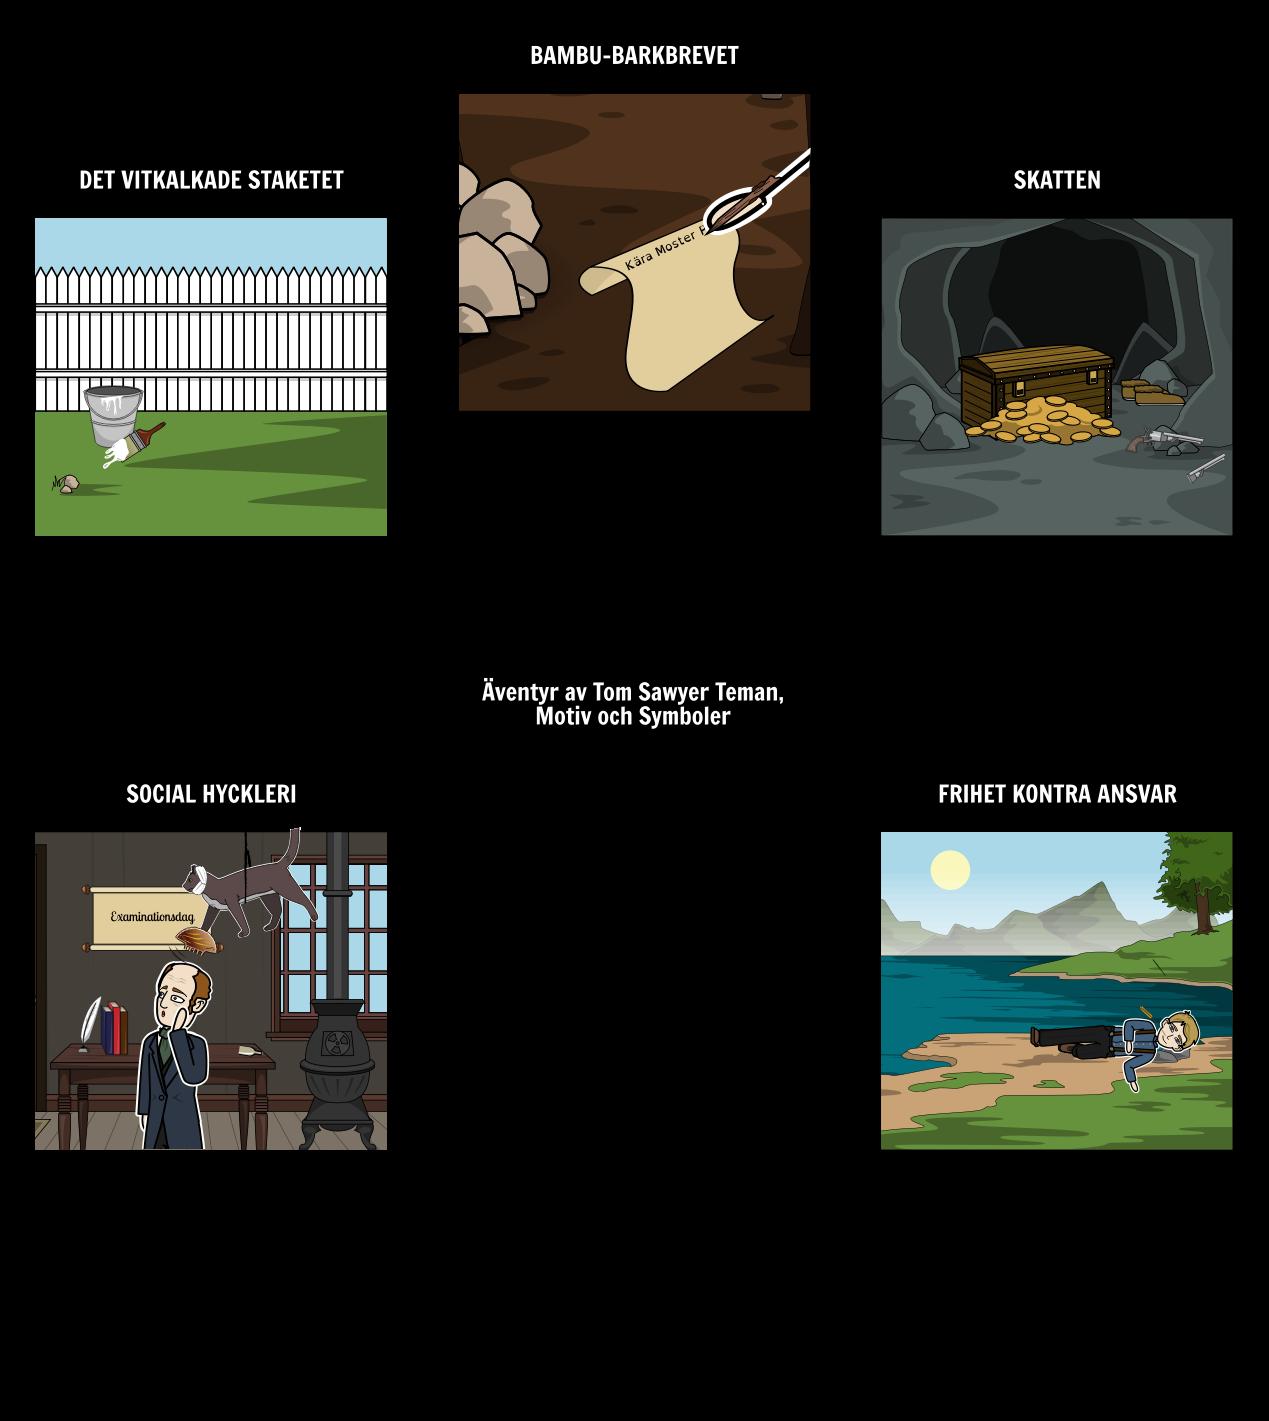 Äventyr av Tom Sawyer Teman, Motiv och Symboler